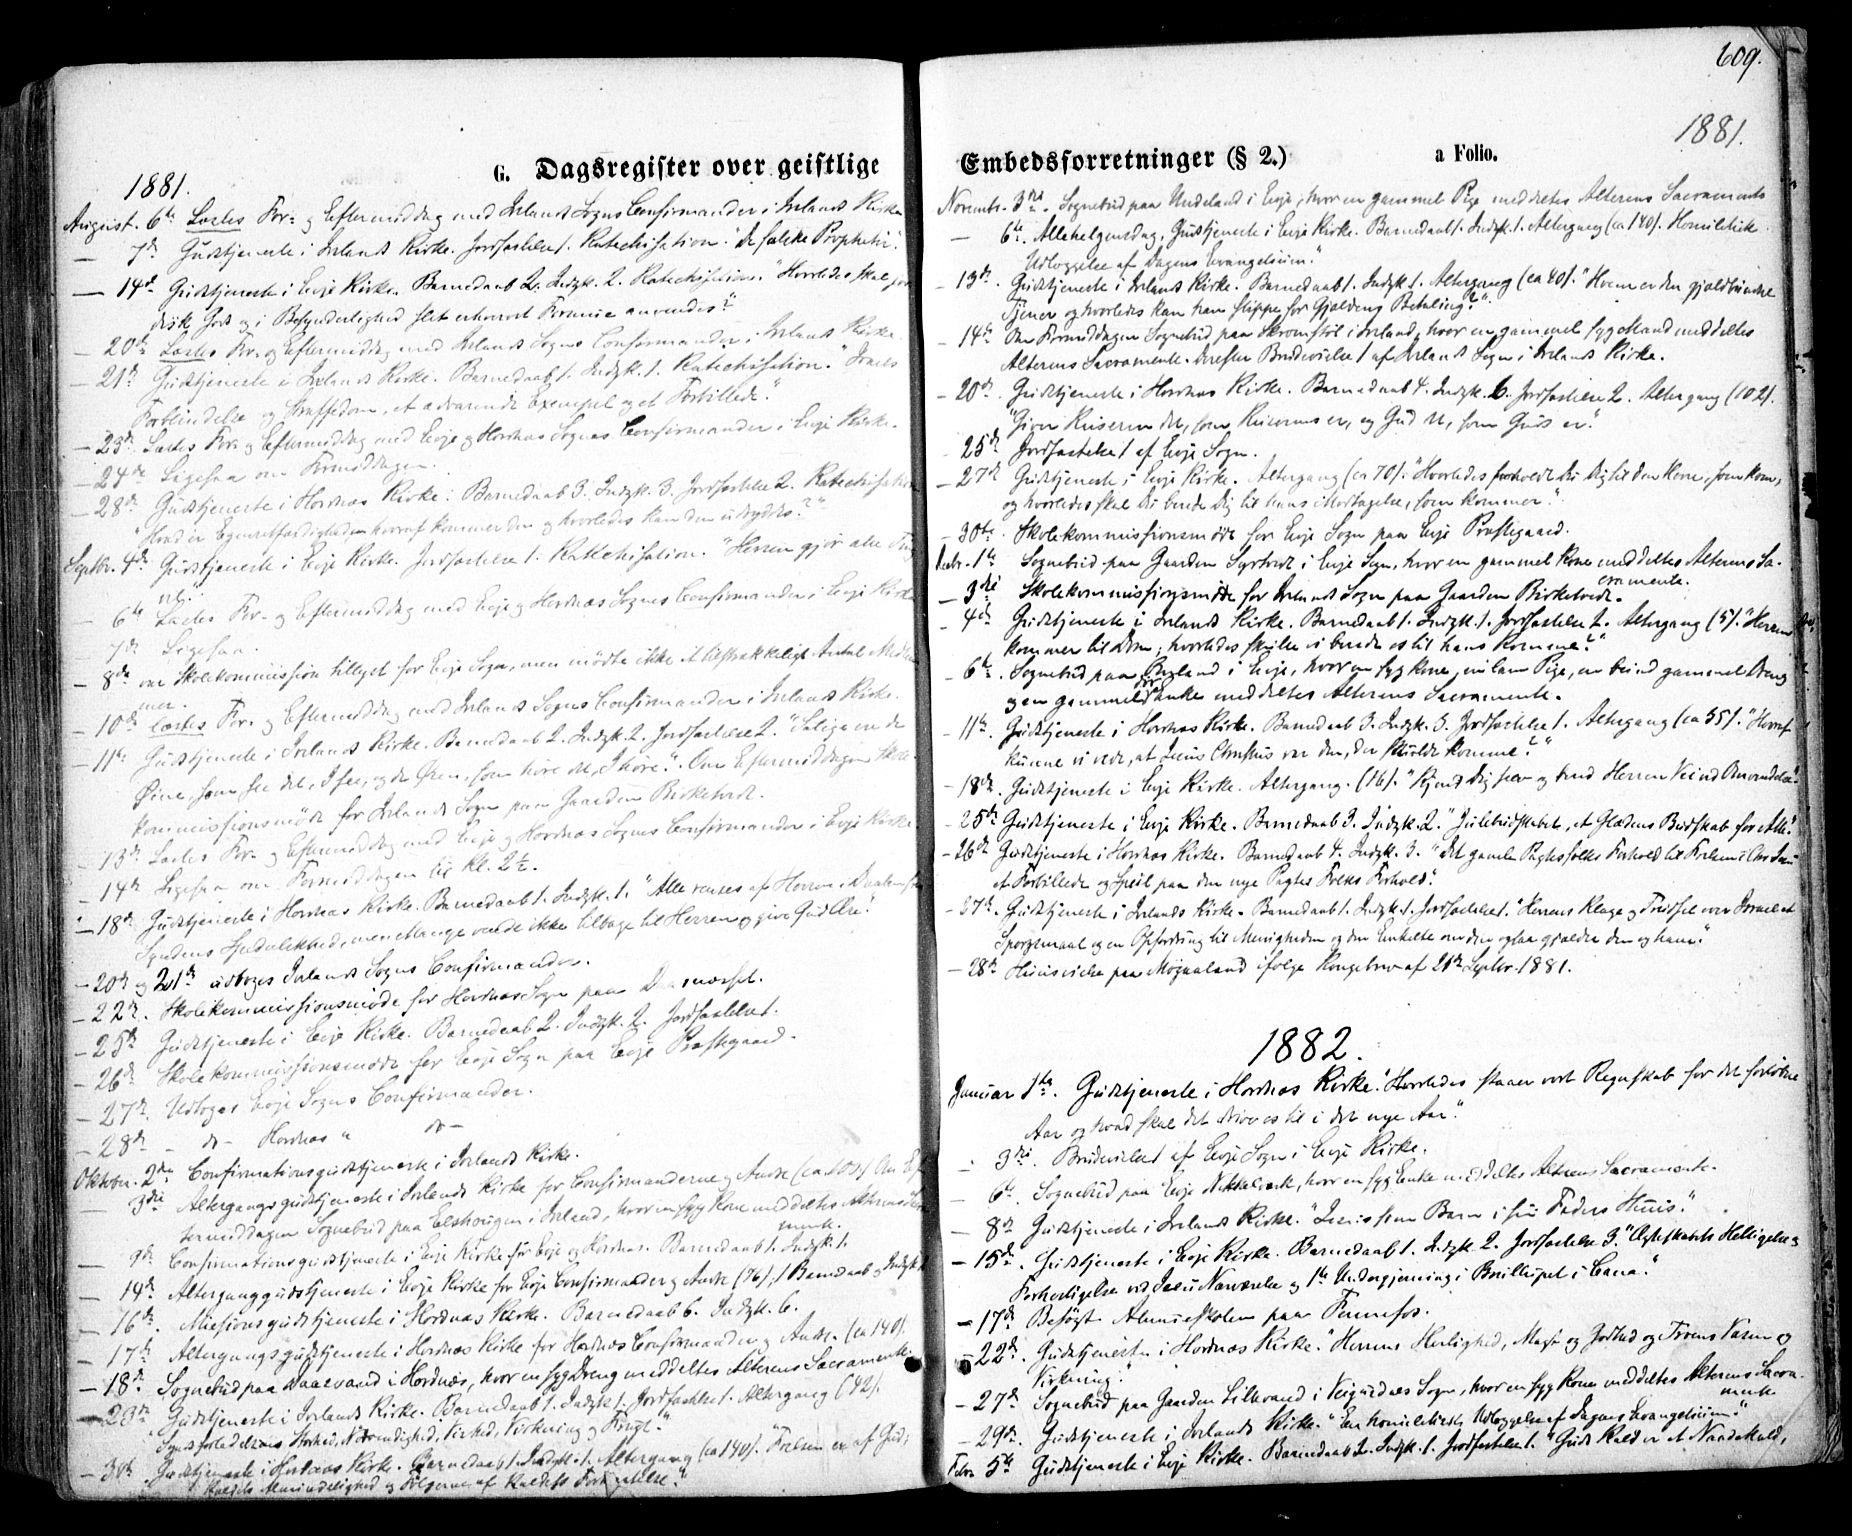 SAK, Evje sokneprestkontor, F/Fa/Faa/L0006: Ministerialbok nr. A 6, 1866-1884, s. 609